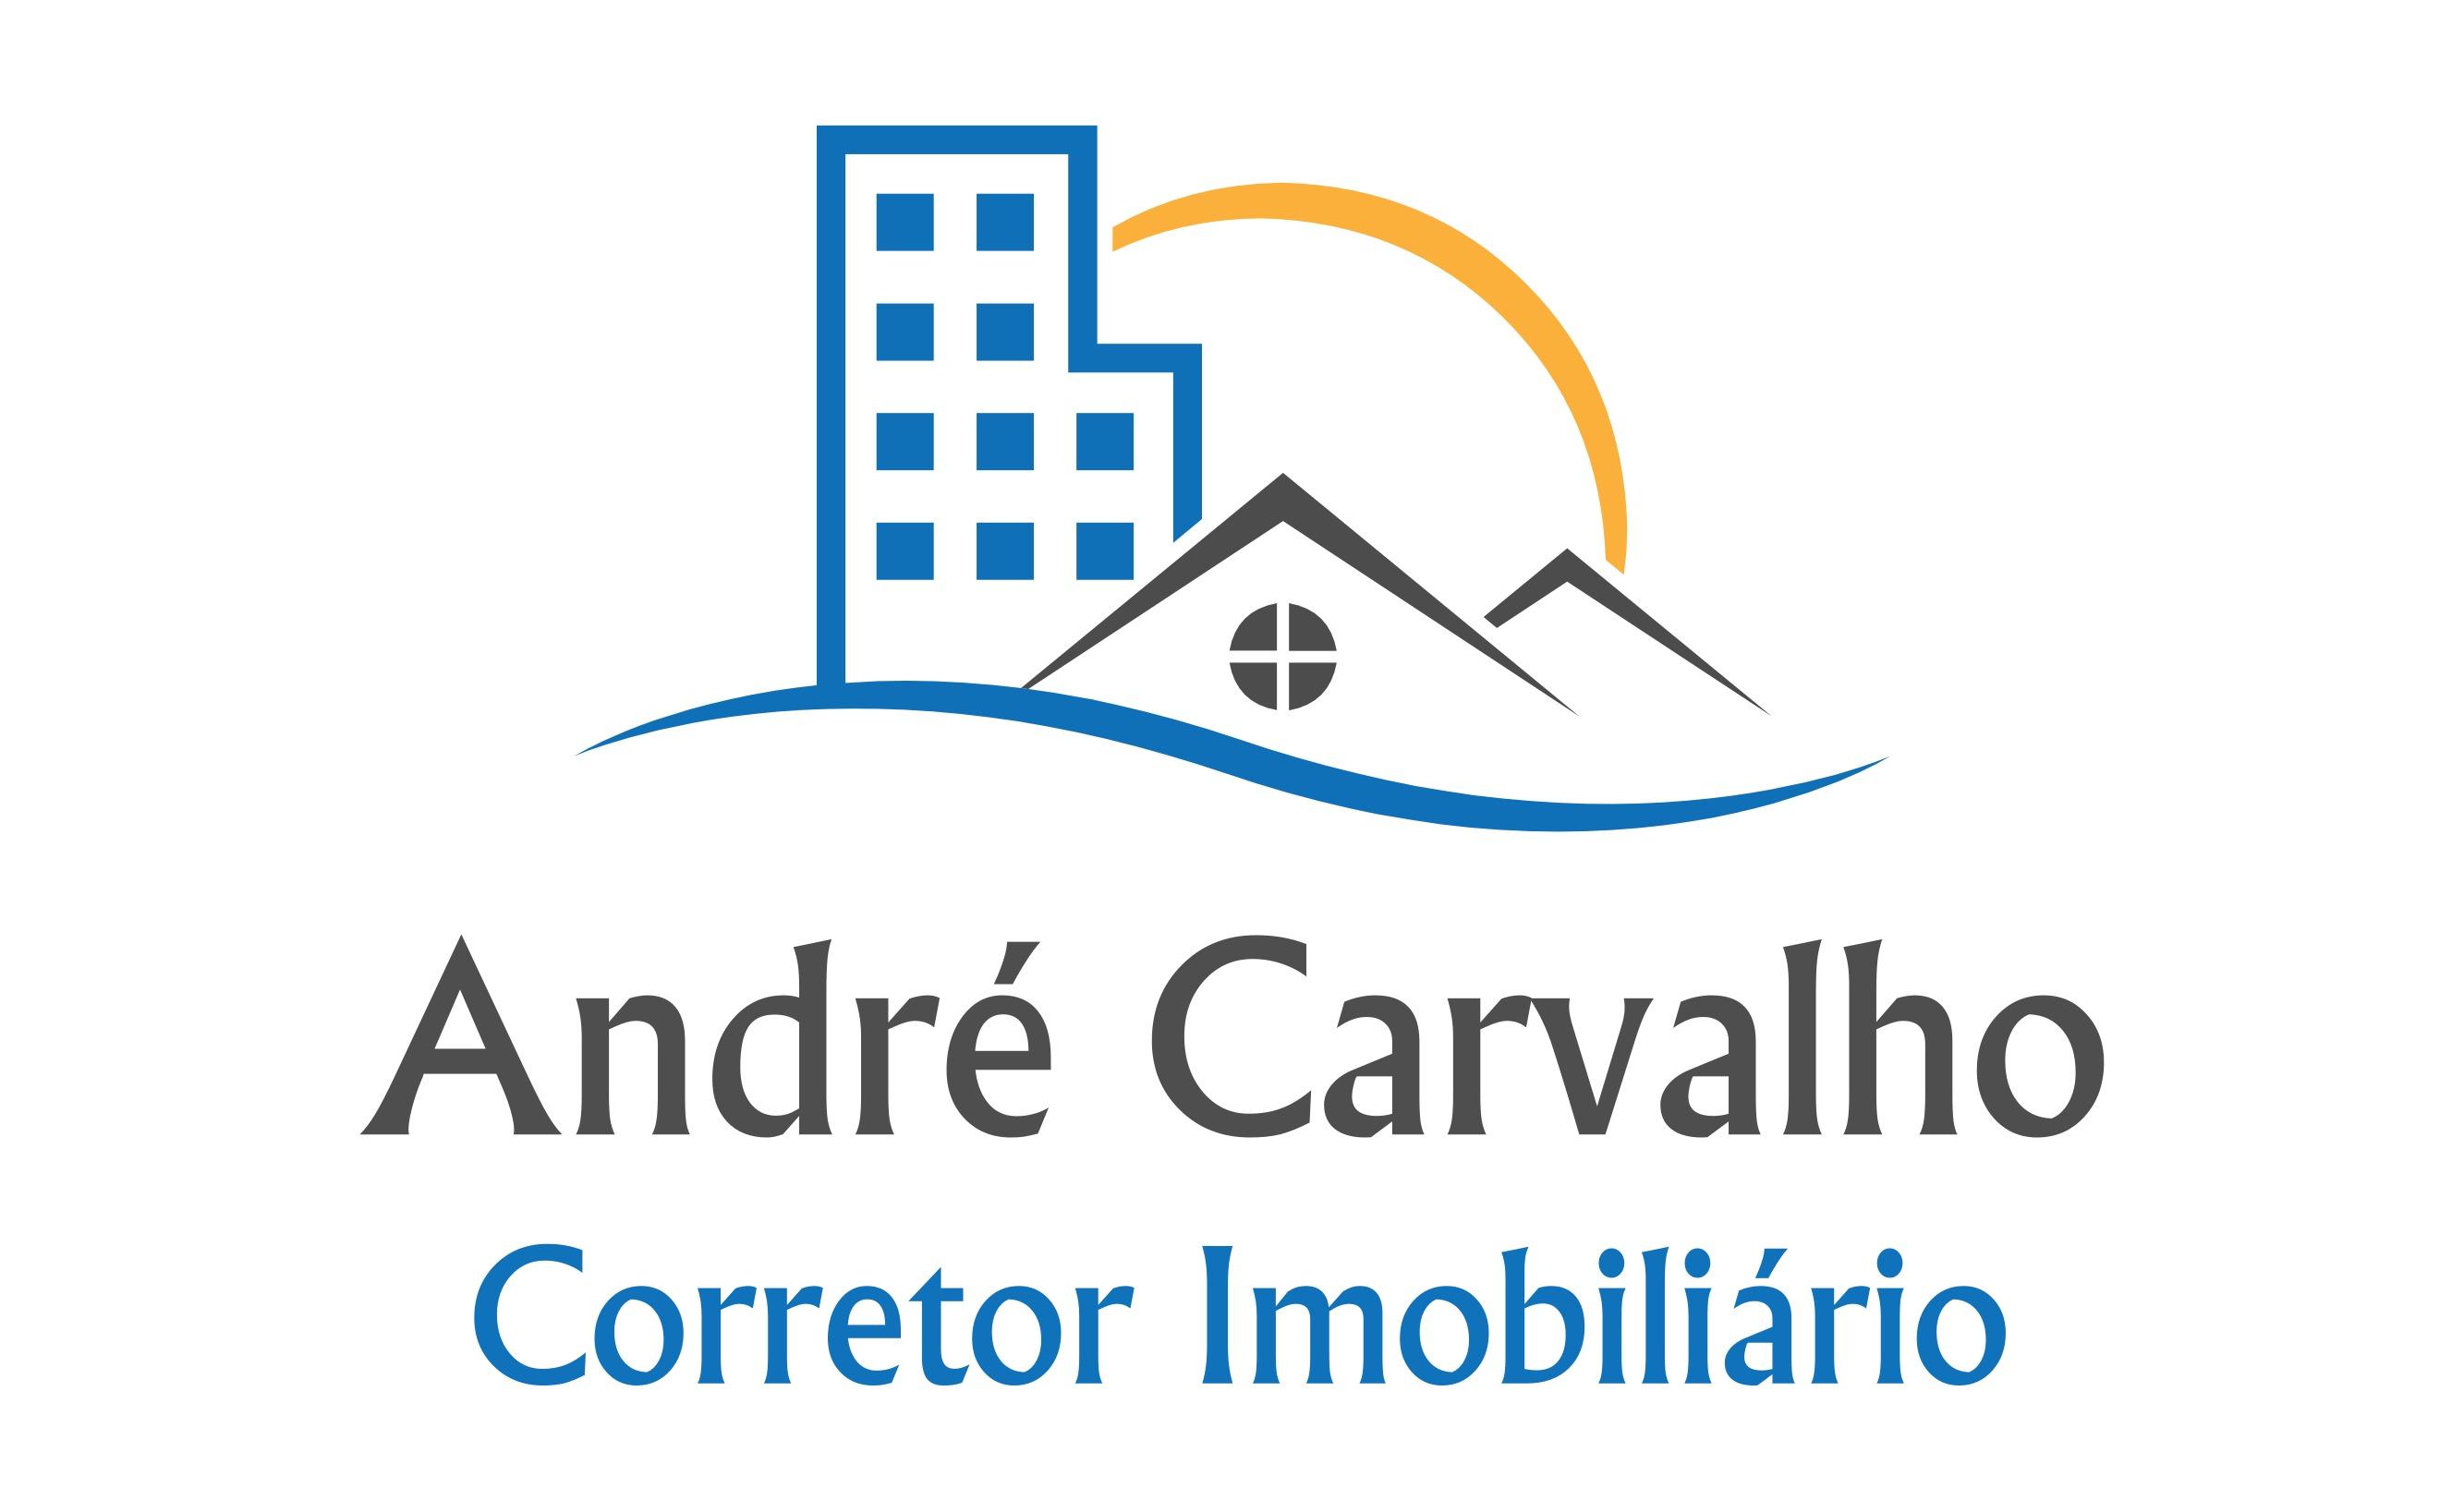 André Carvalho Corretor Imobiliário